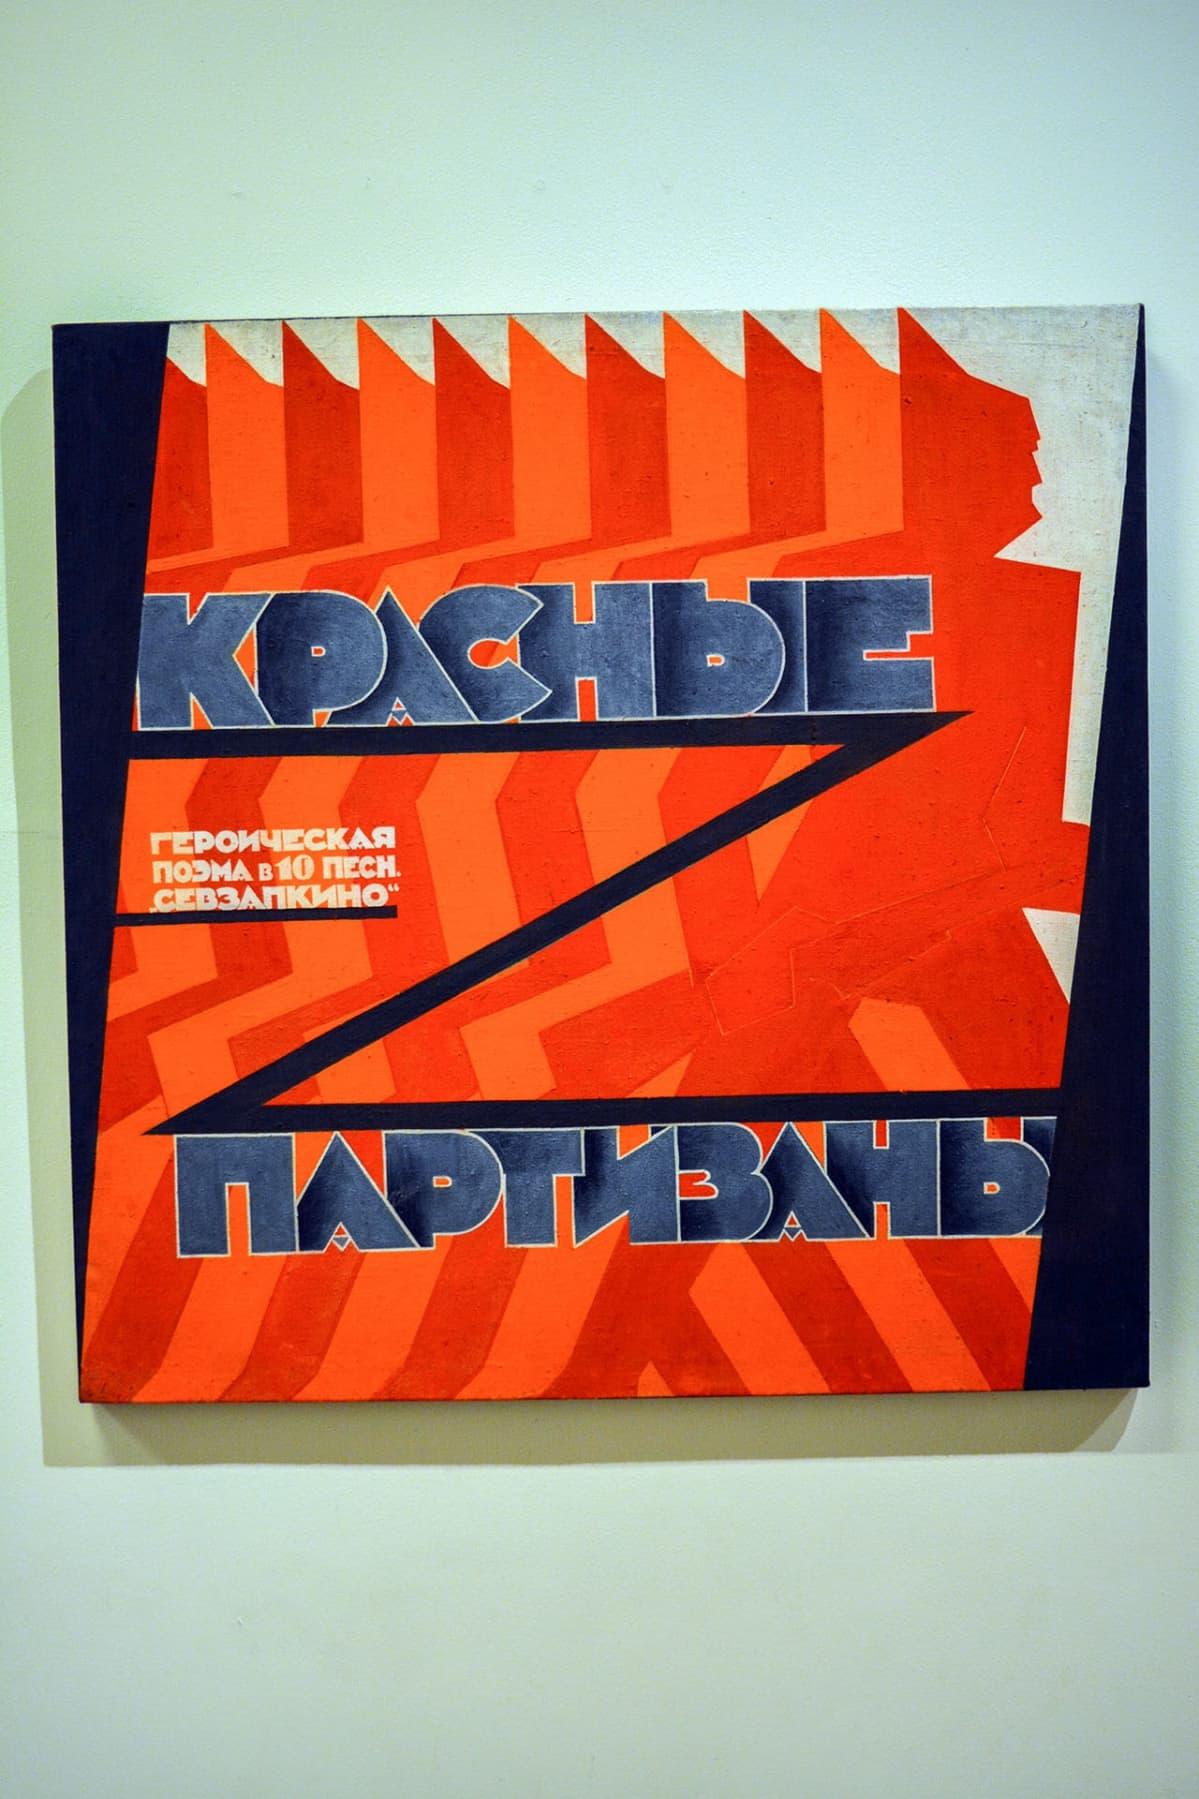 Dekoratiivinen Instituutti, Punaiset partisaanit Mihail Veksler, Venäläisen taiteen museo